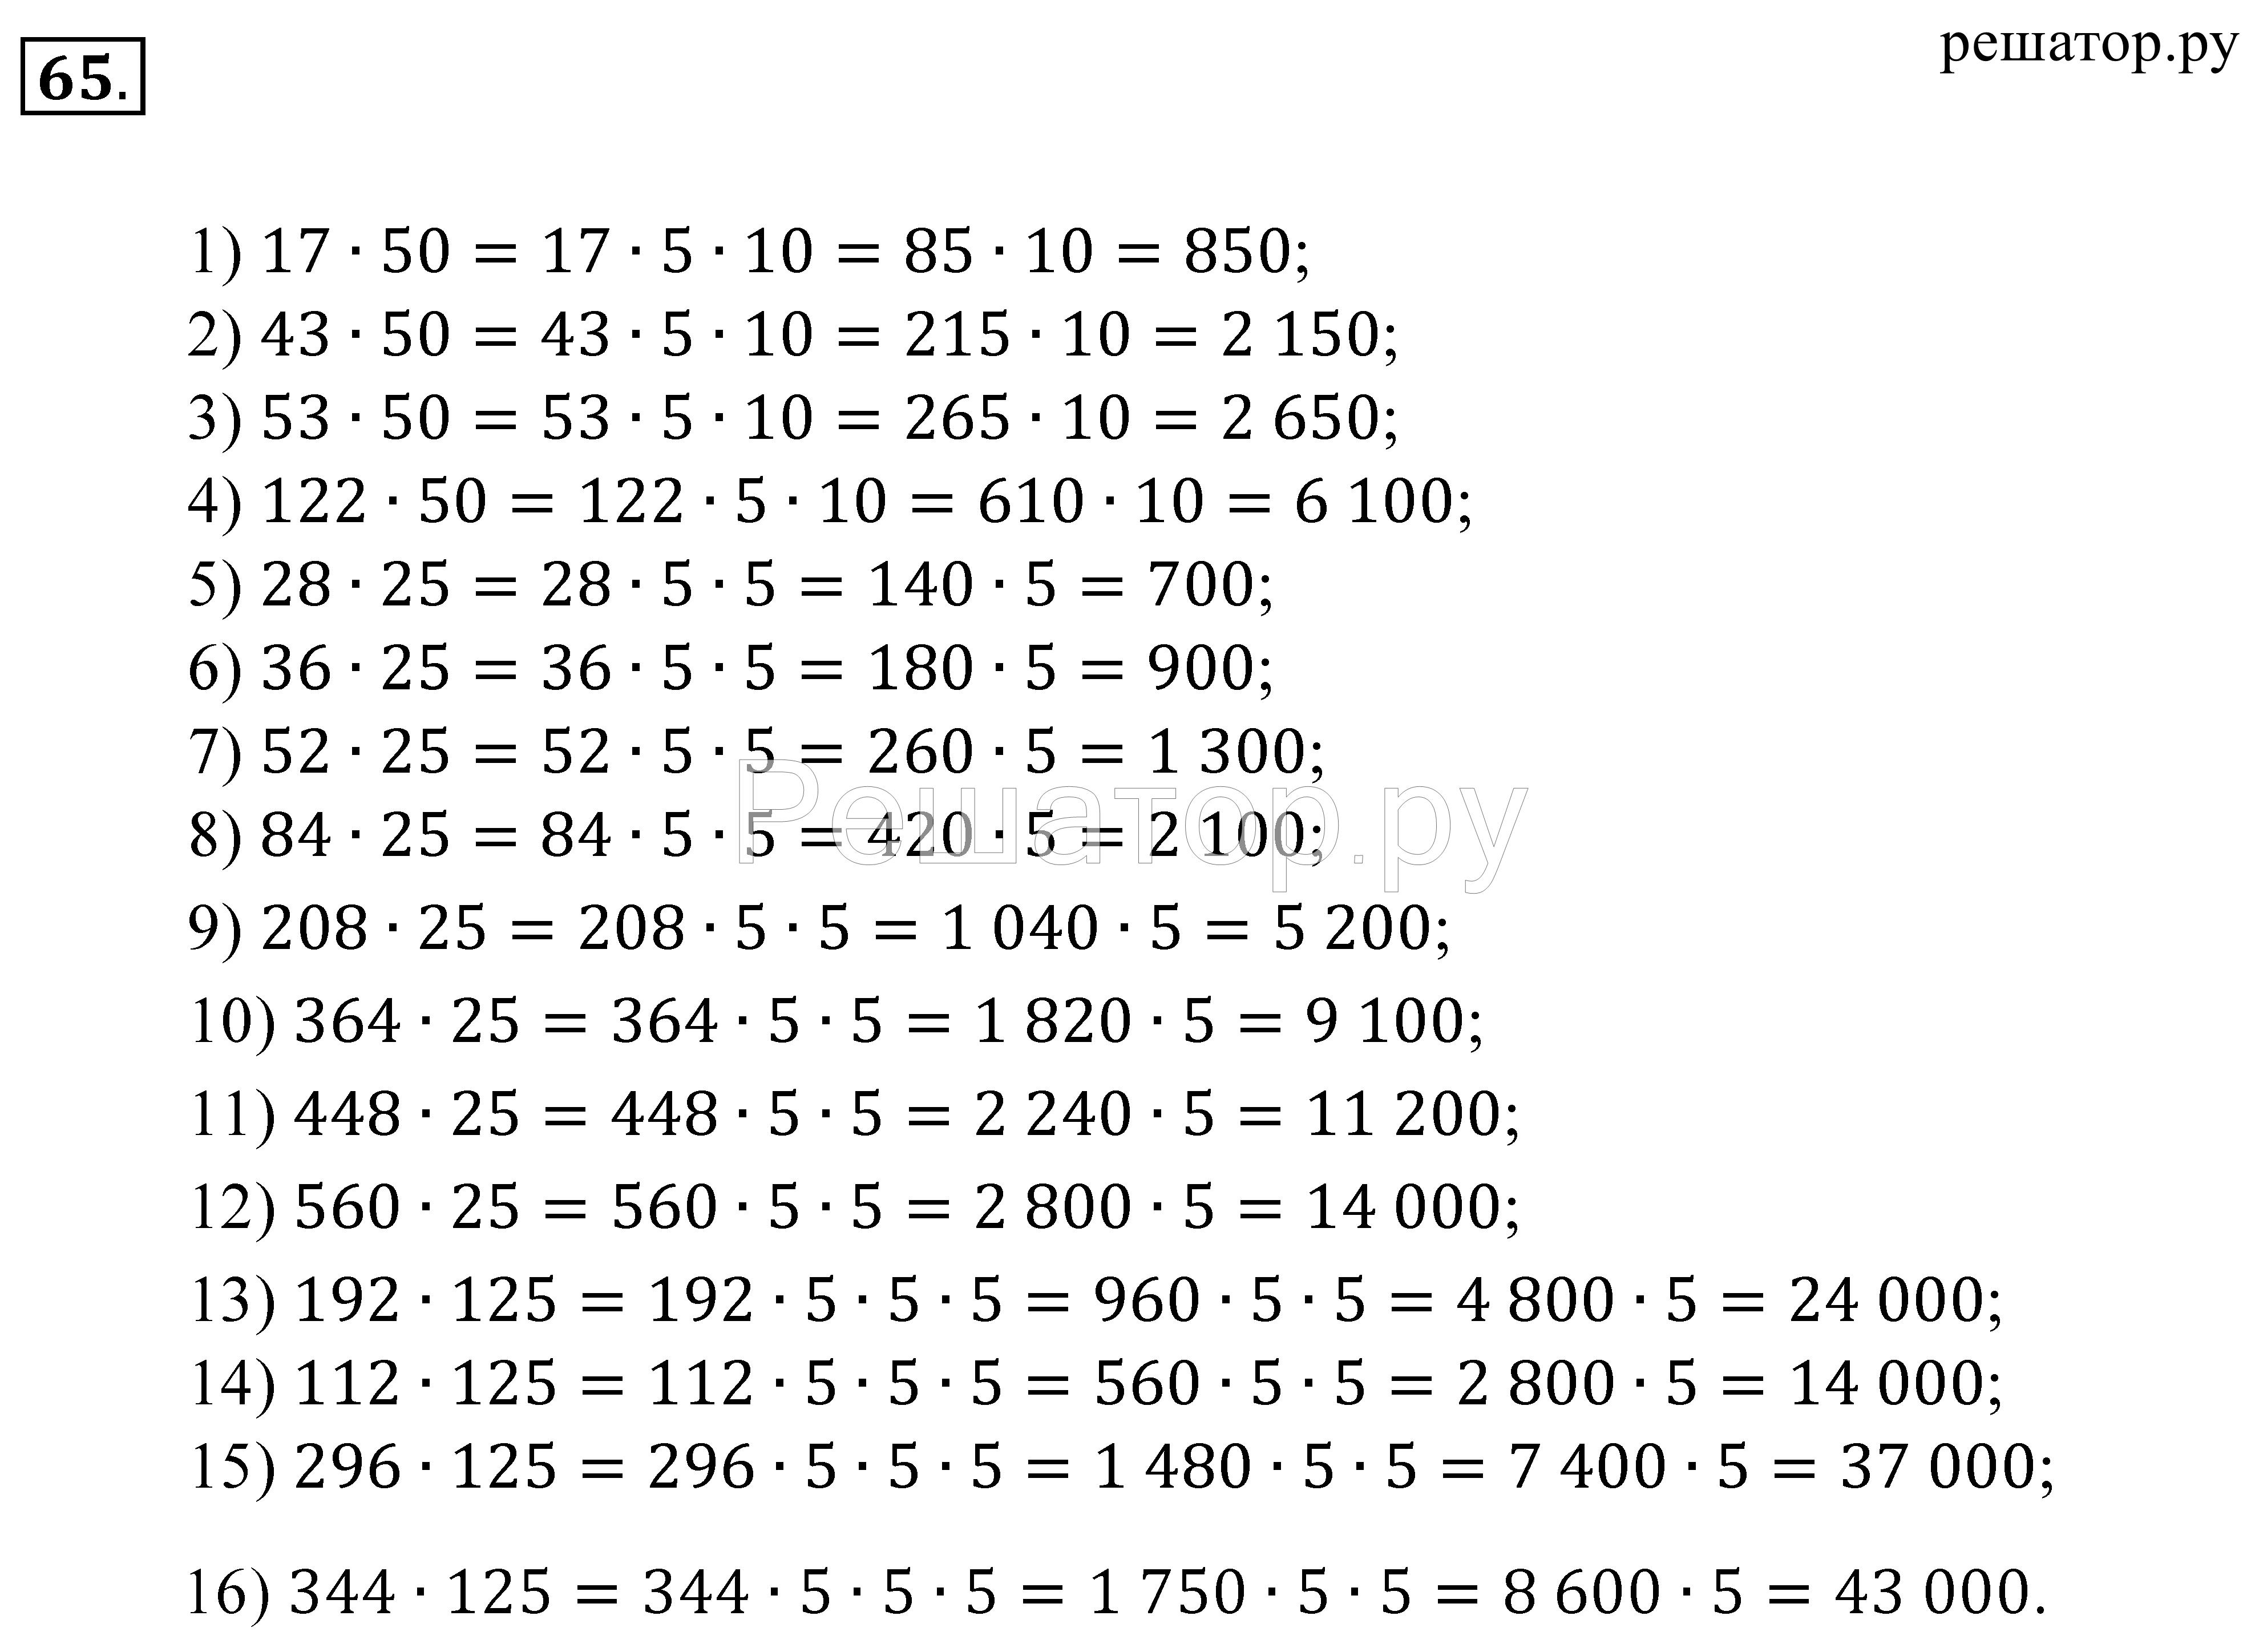 ГДЗ по математике класс Зубарева Мордкович решебник онлайн   36 37 38 39 40 41 42 43 44 45 46 47 48 49 50 51 52 53 54 Контрольные задания 55 56 57 58 59 60 61 62 63 64